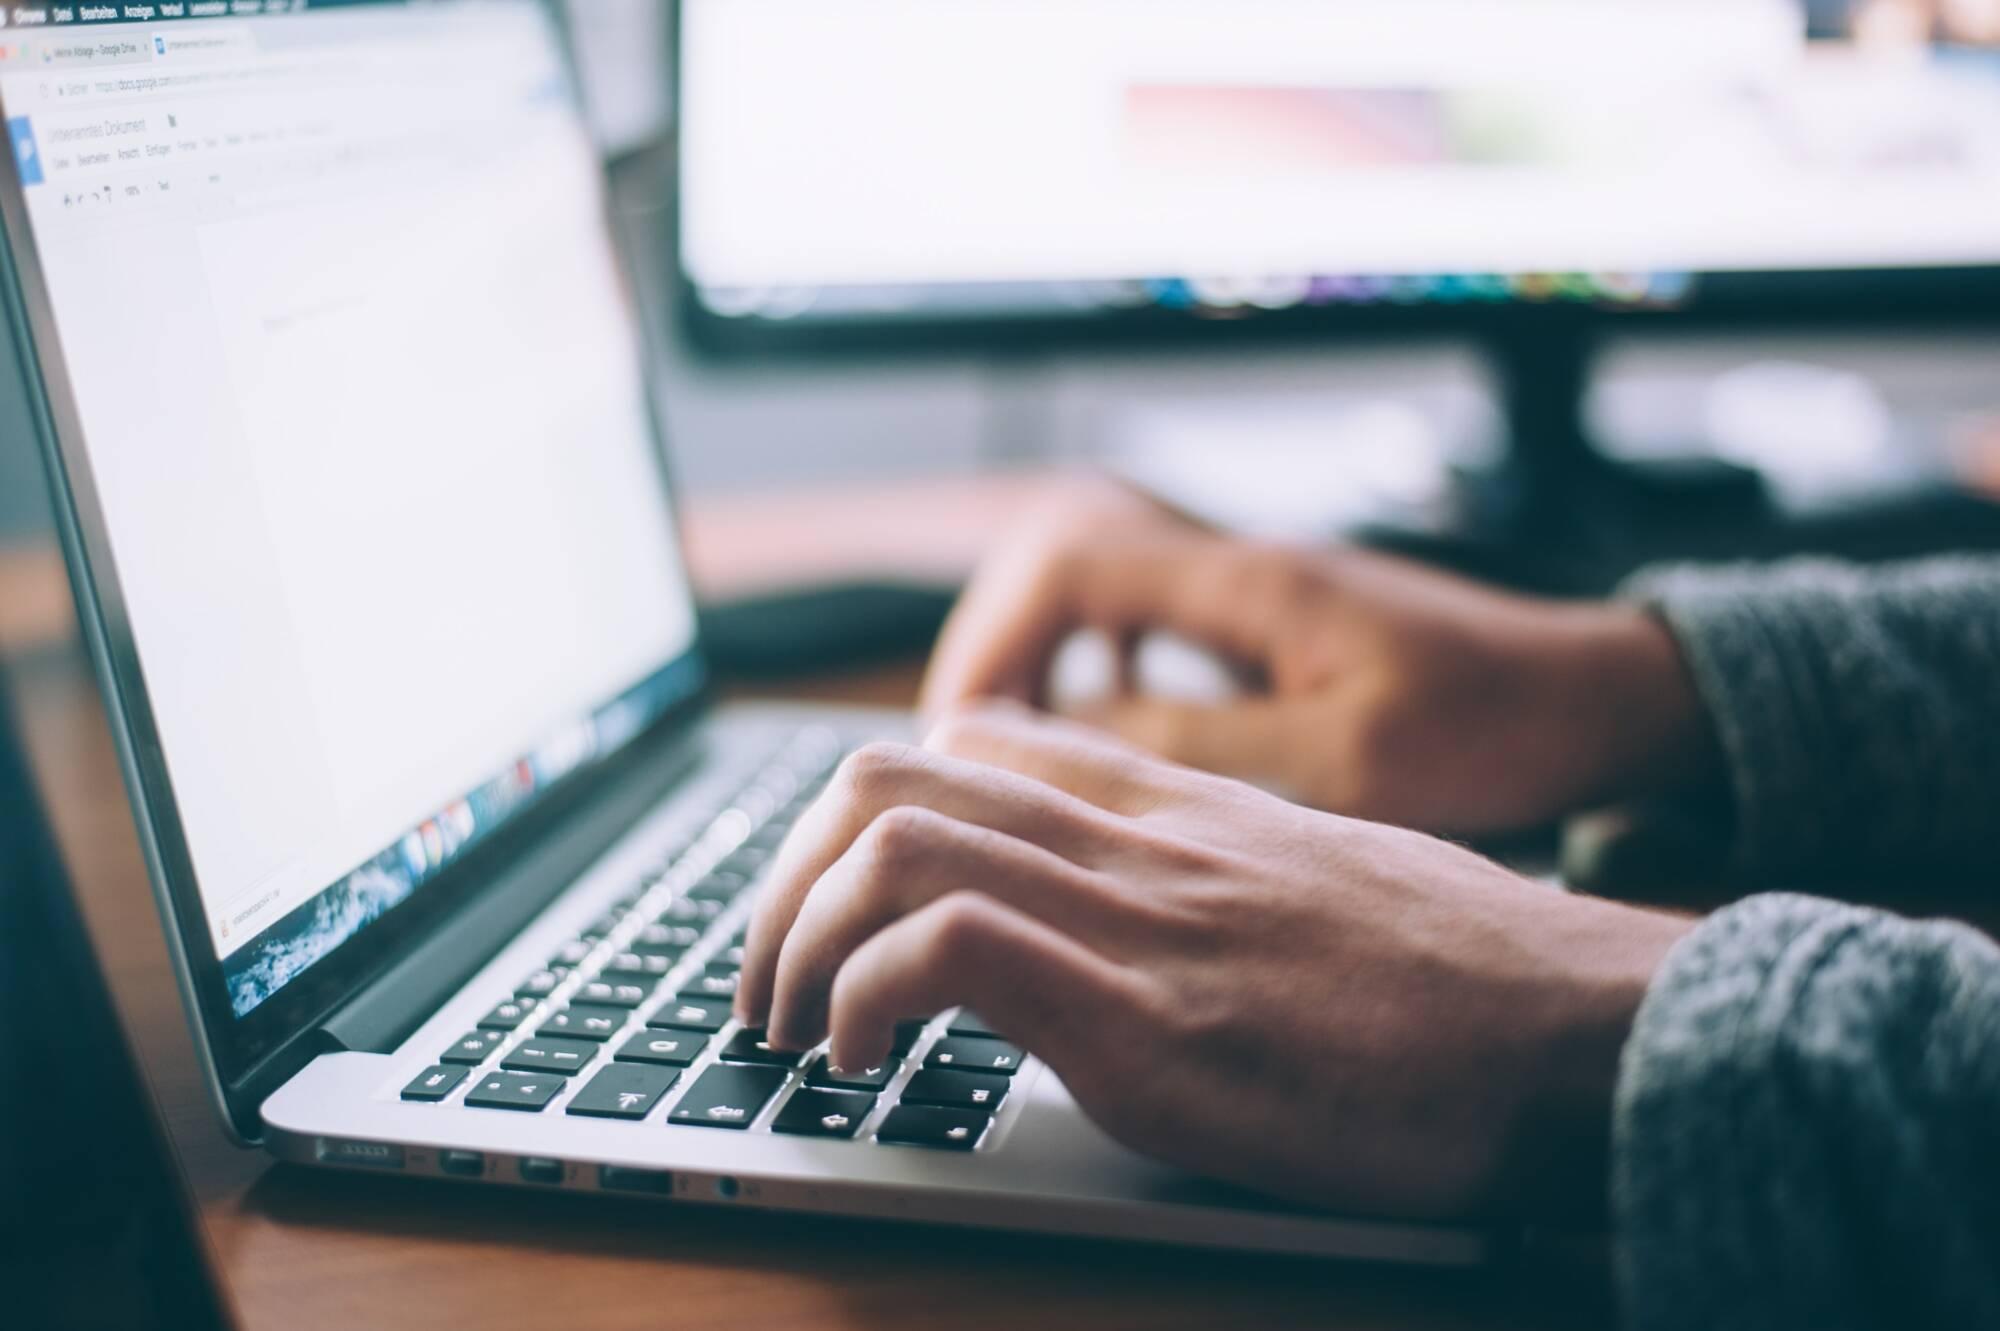 Hände tippen auf Laptop-Tastatur